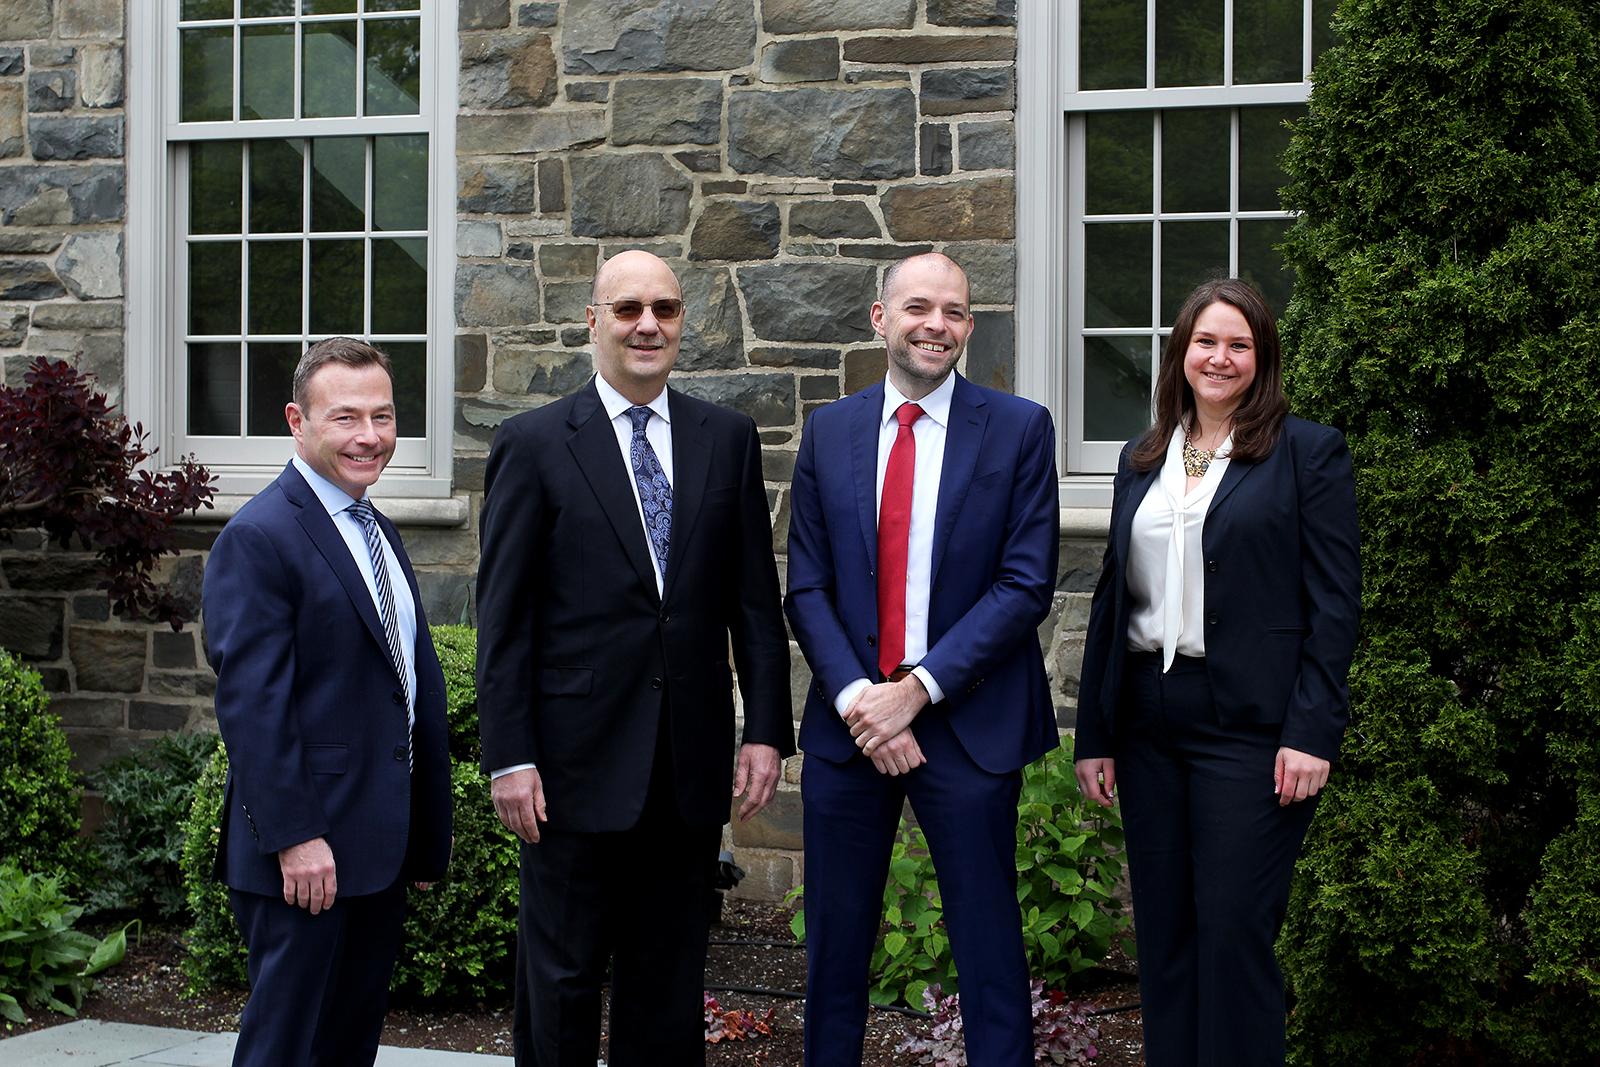 Van DeWater & Van DeWater - Attorneys at Law - Poughkeepsie NY - Hudson Valley